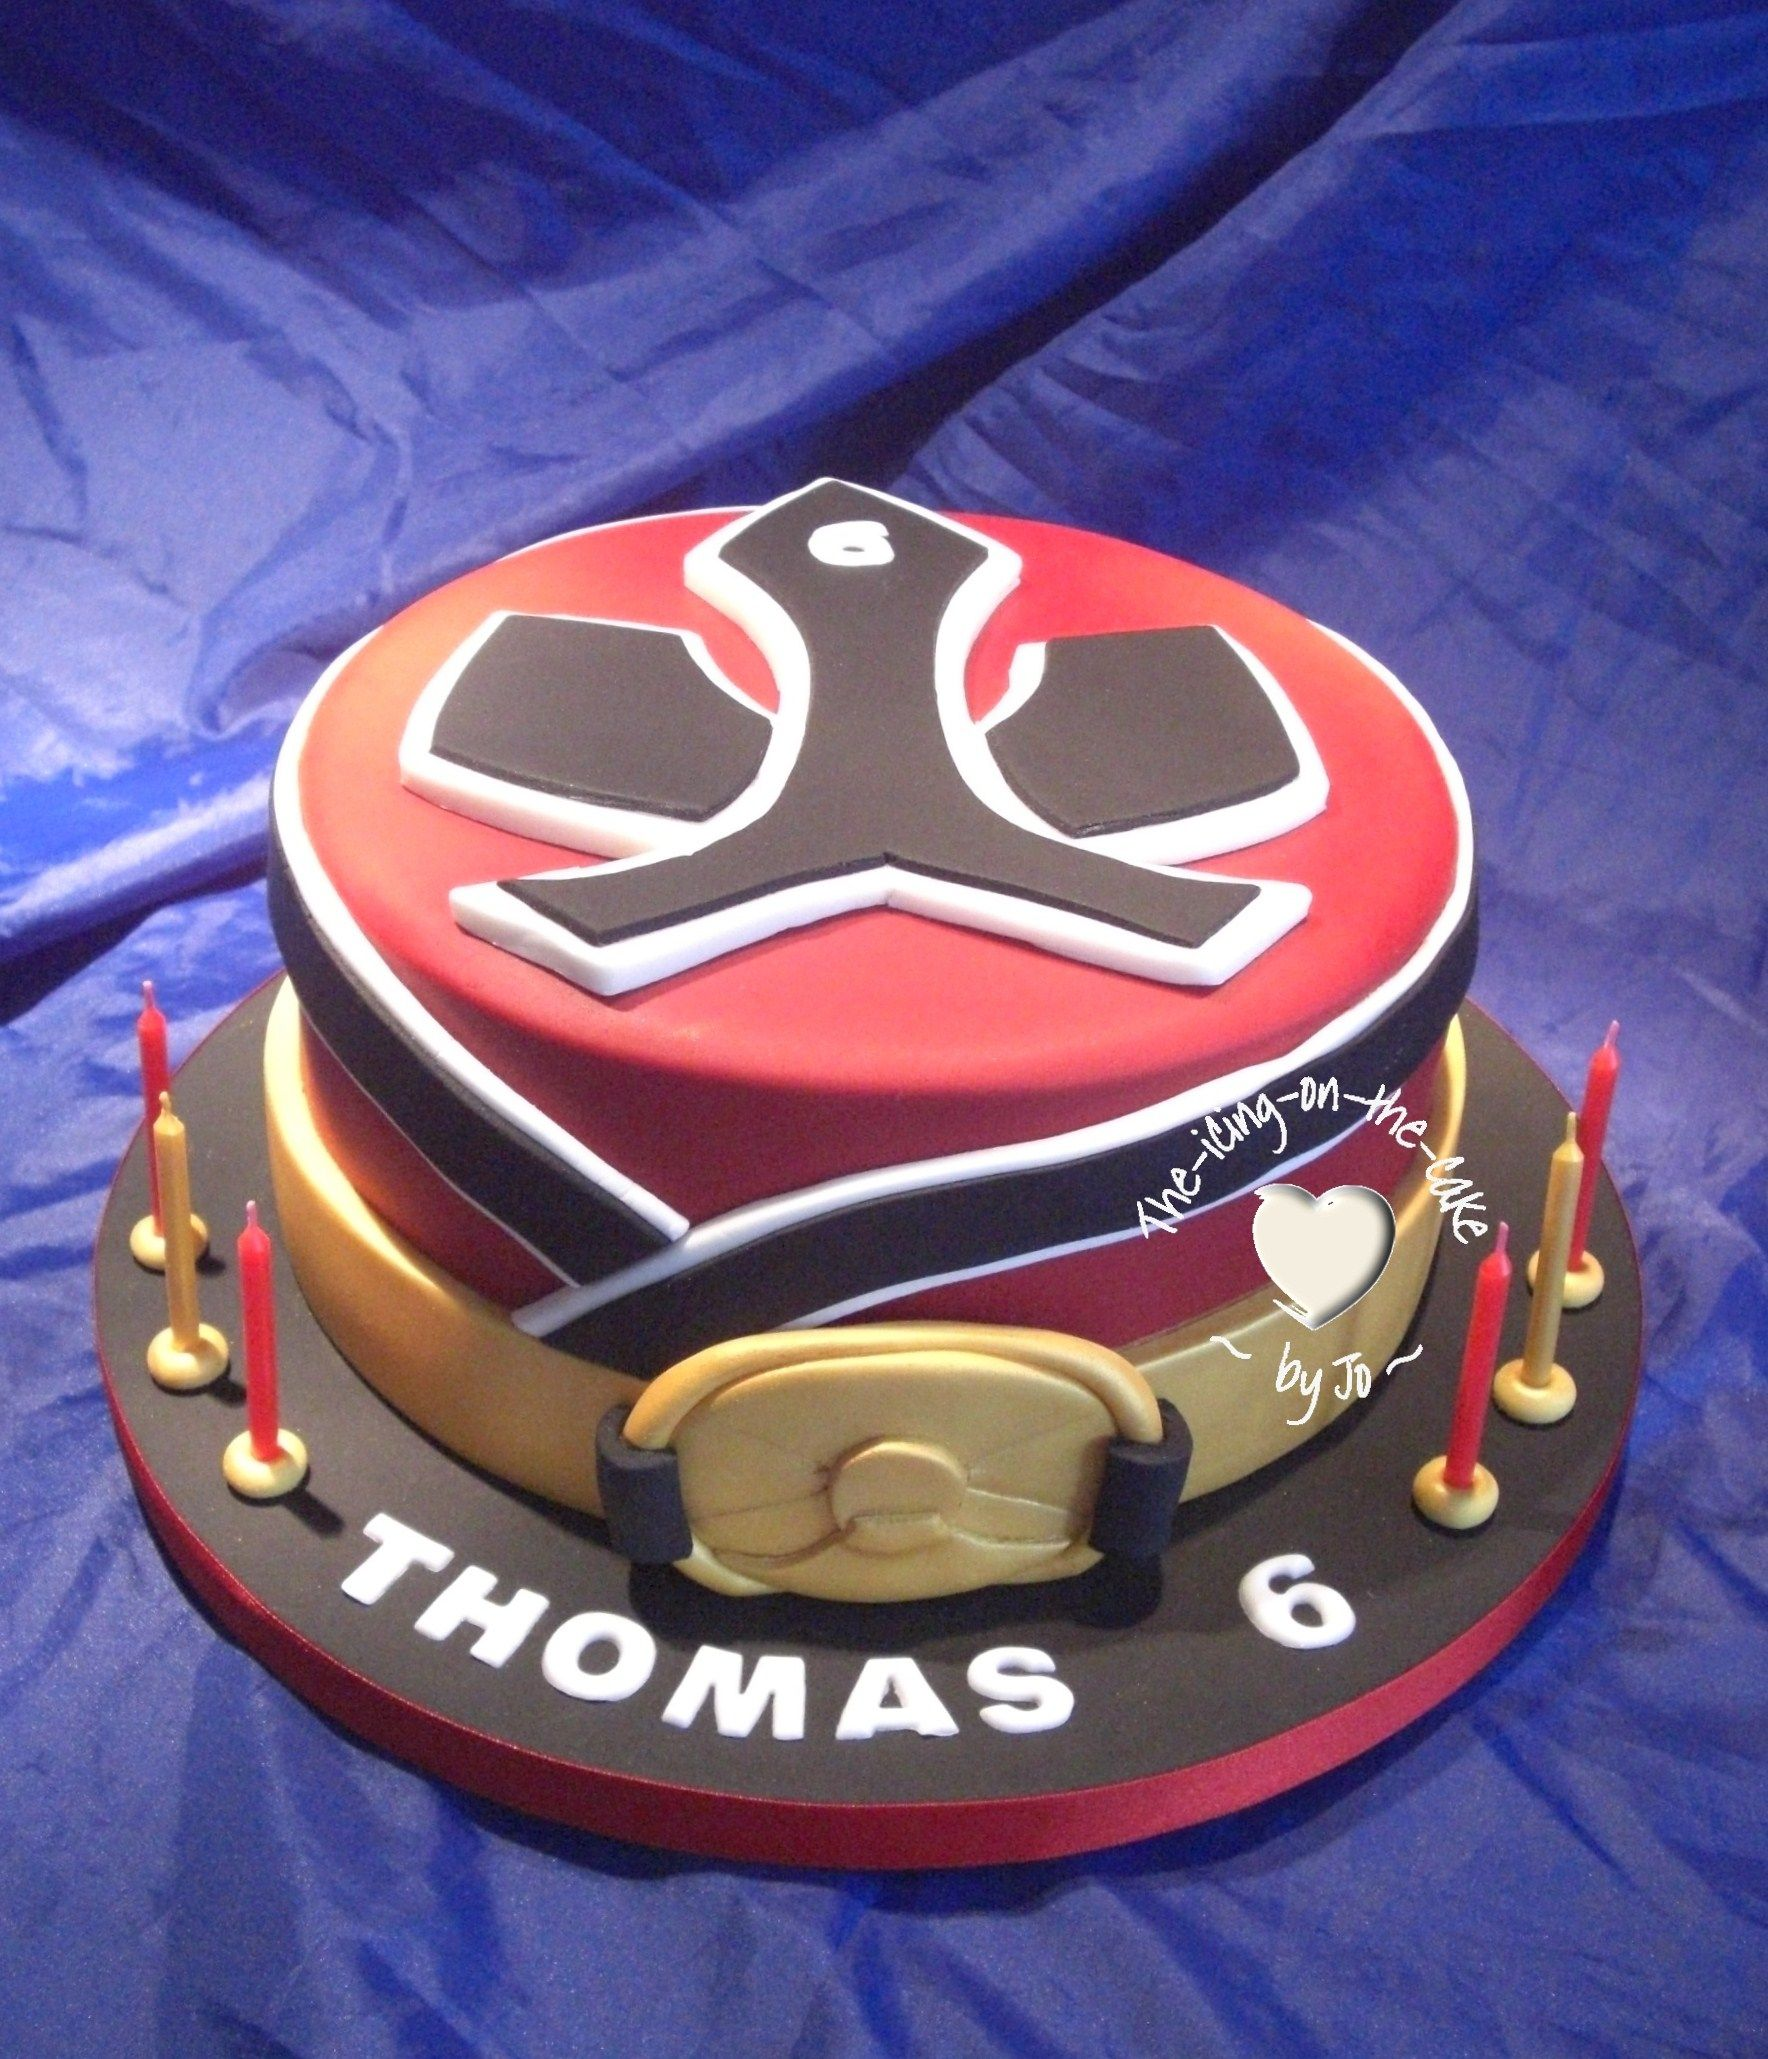 Power Ranger Themed Birthday Cake